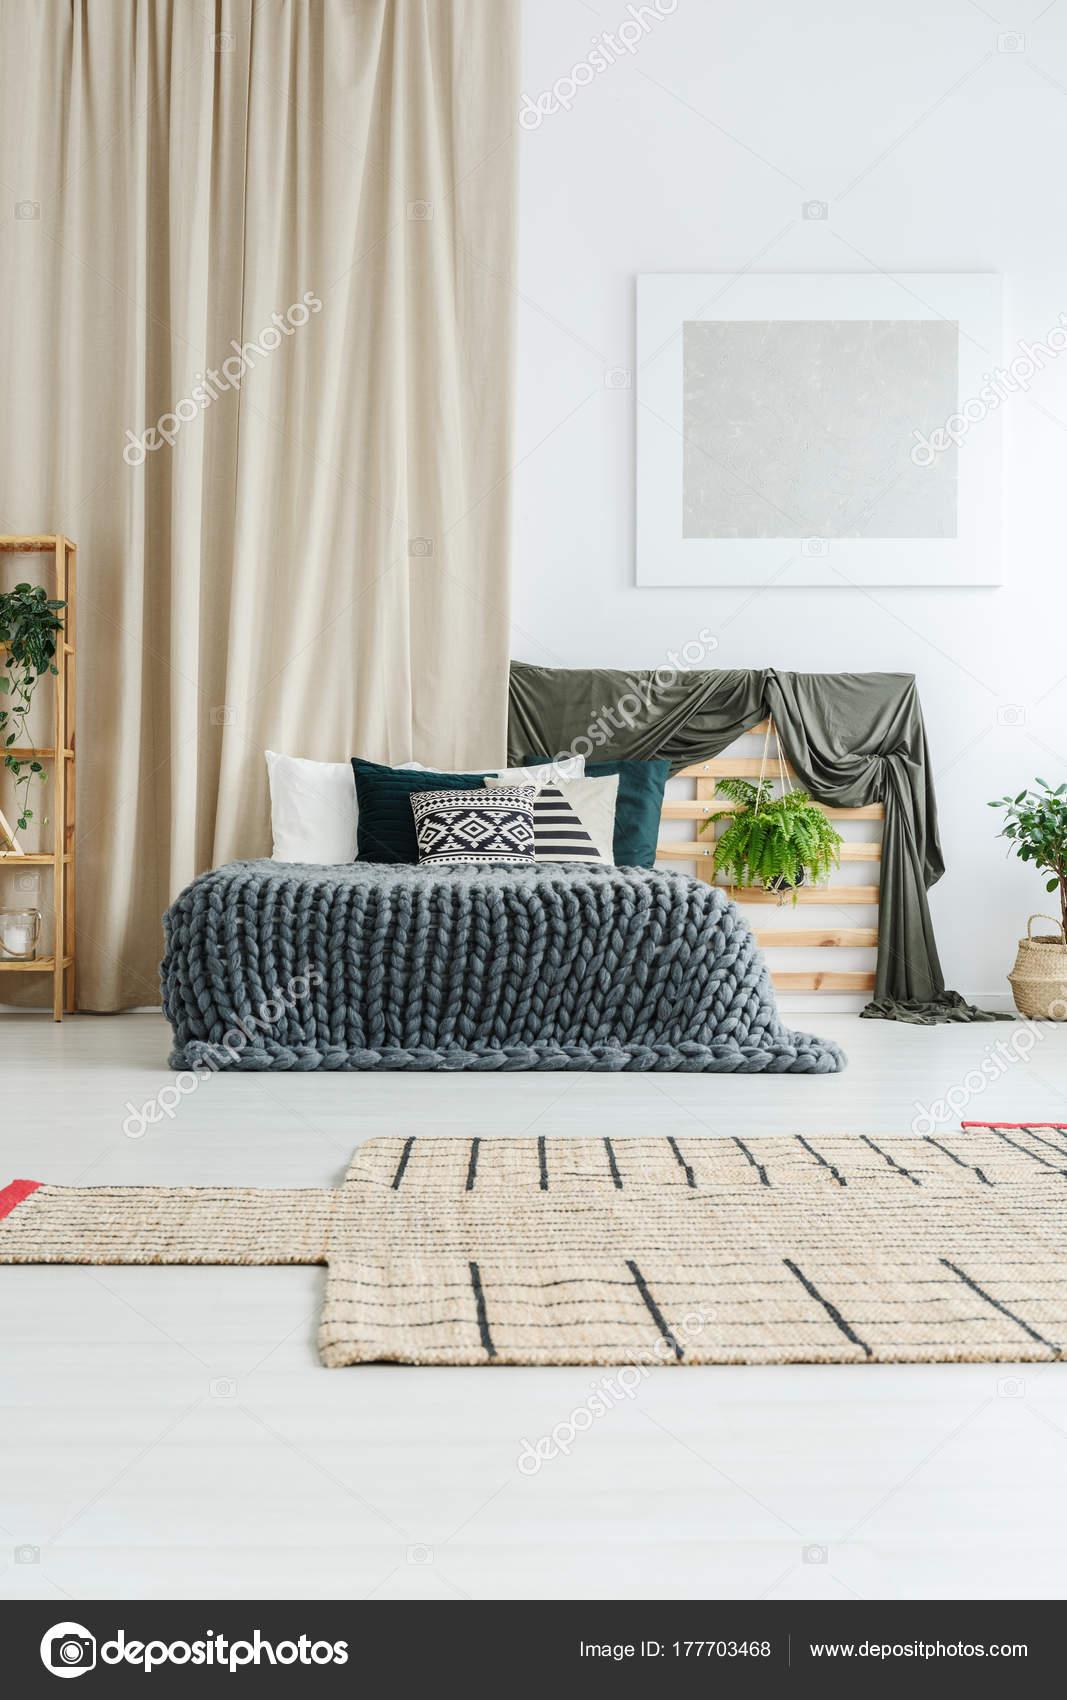 Silber, Moderne Malerei Hängen Weiße Wand Oben Betthaupt Mit Werk In  Gemütliche Schlafzimmer U2014 Foto Von Photographee.eu